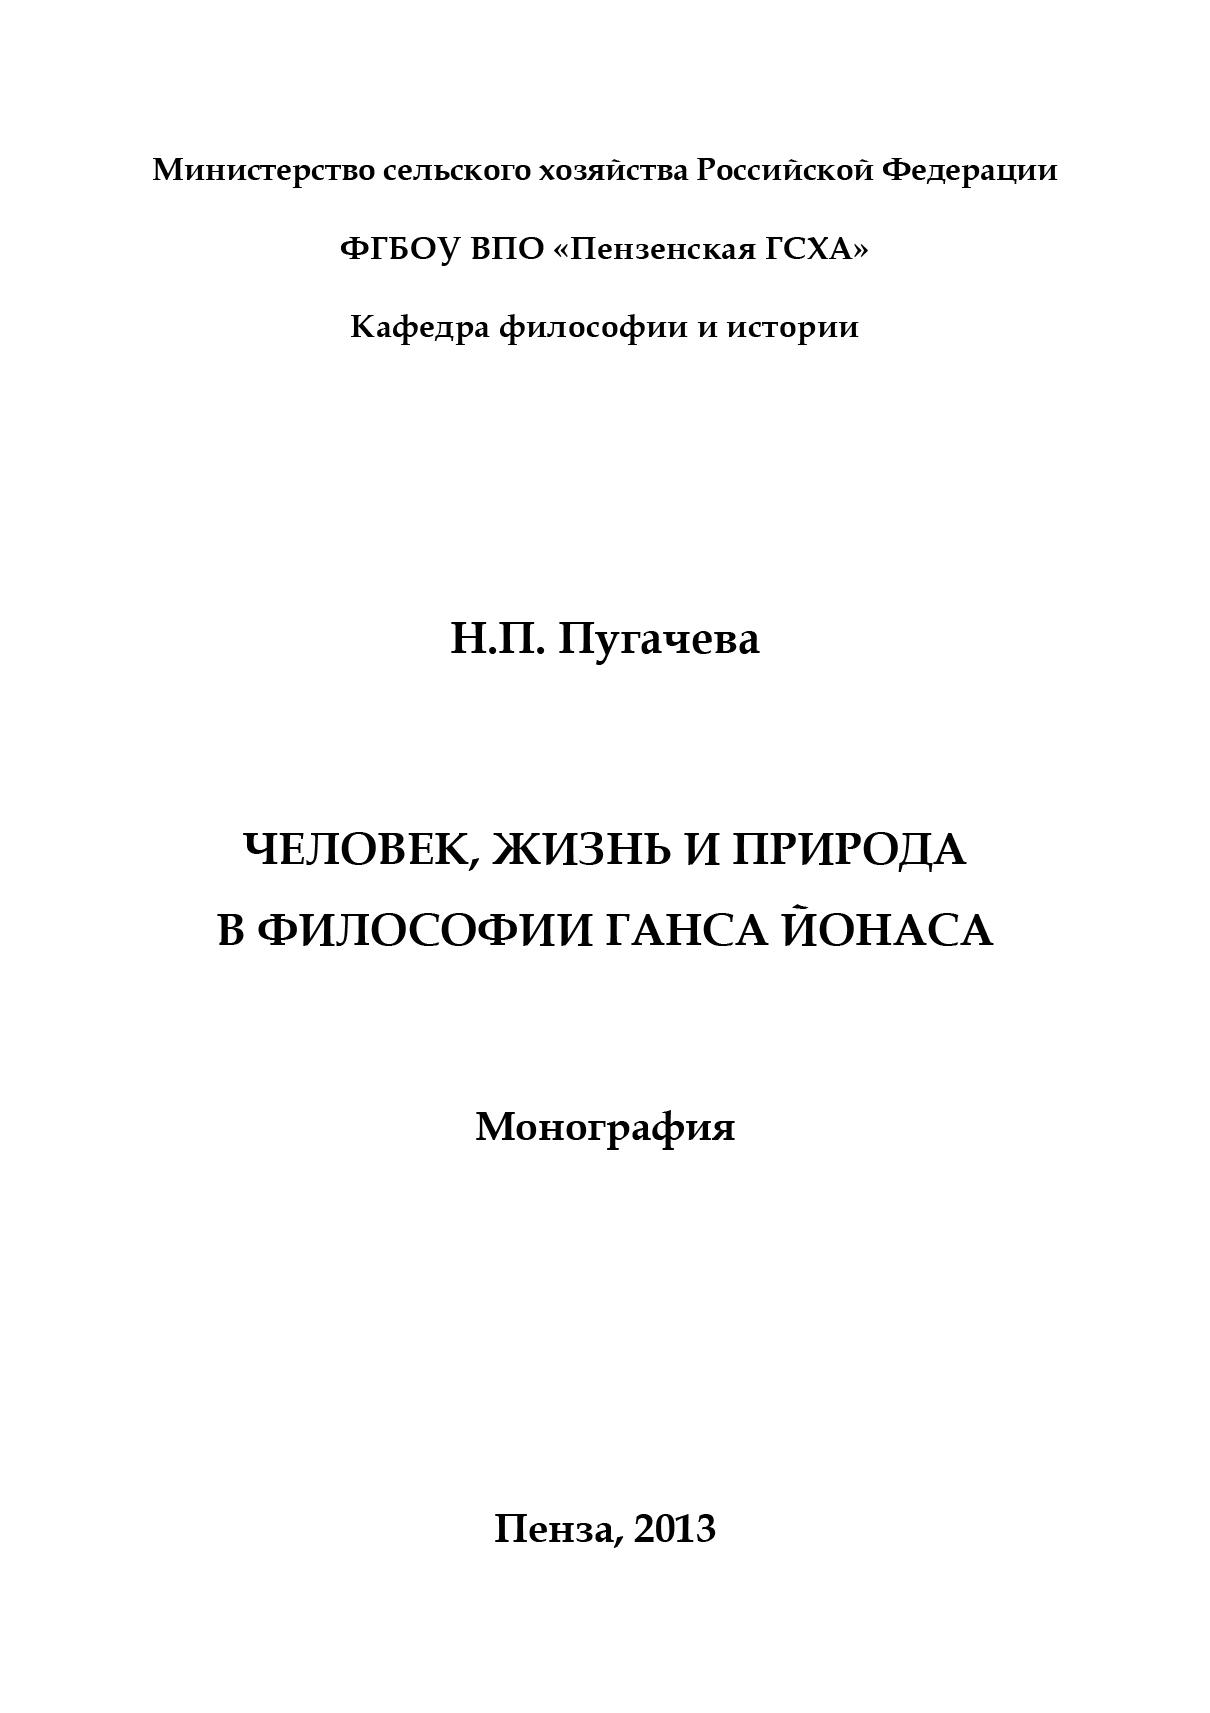 Н. П. Пугачева Человек, жизнь и природа в философии Ганса Йонаса